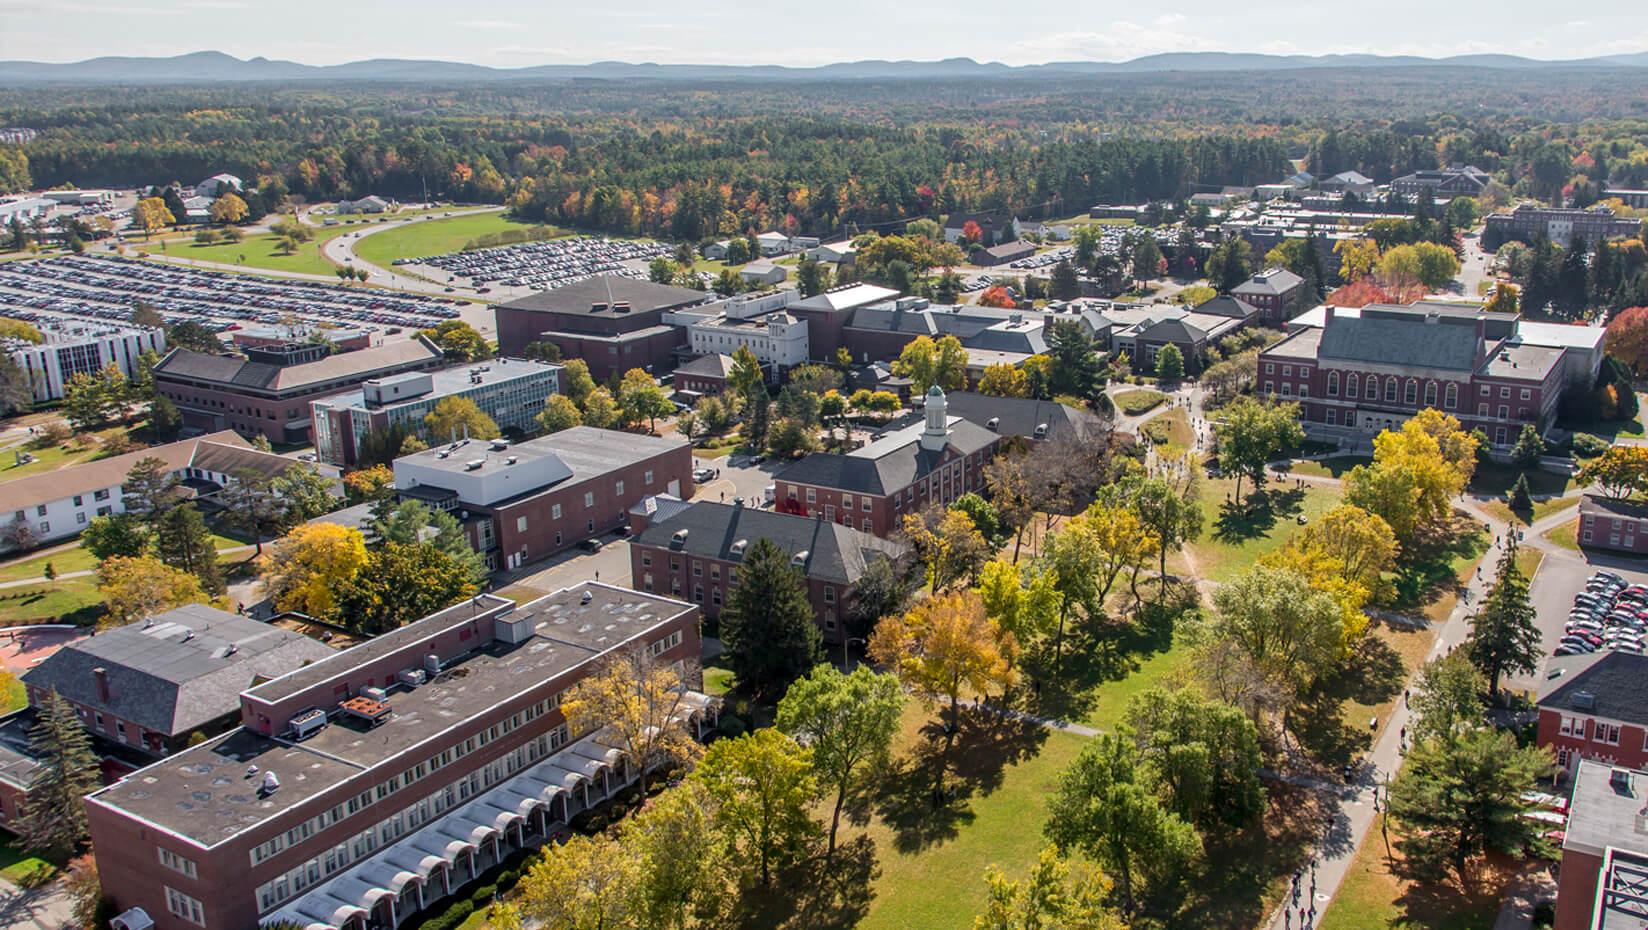 Aerial photo of UMaine campus